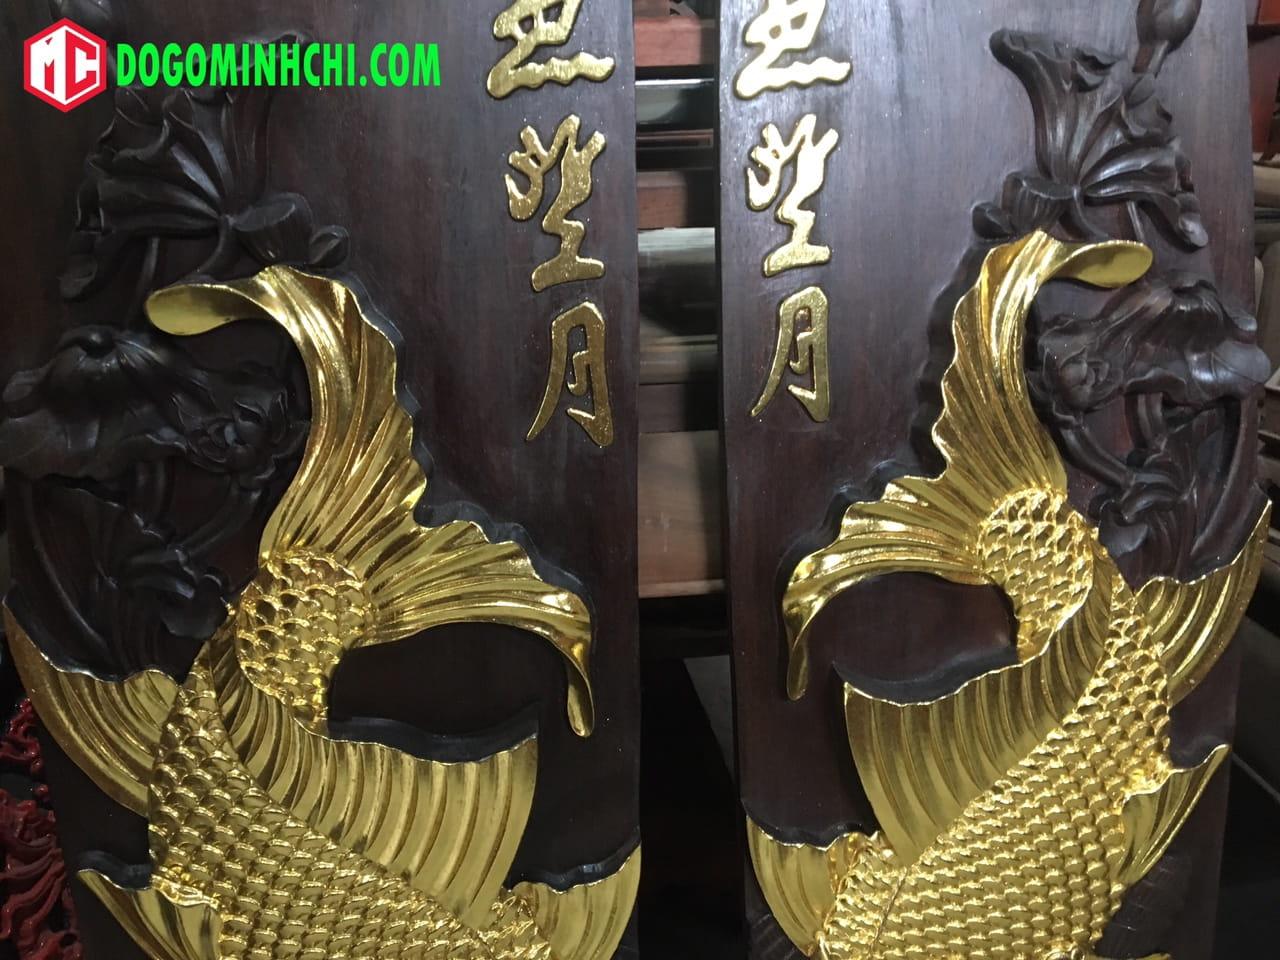 Tranh cá chép sơn thiếp vàng gỗ gụ 4